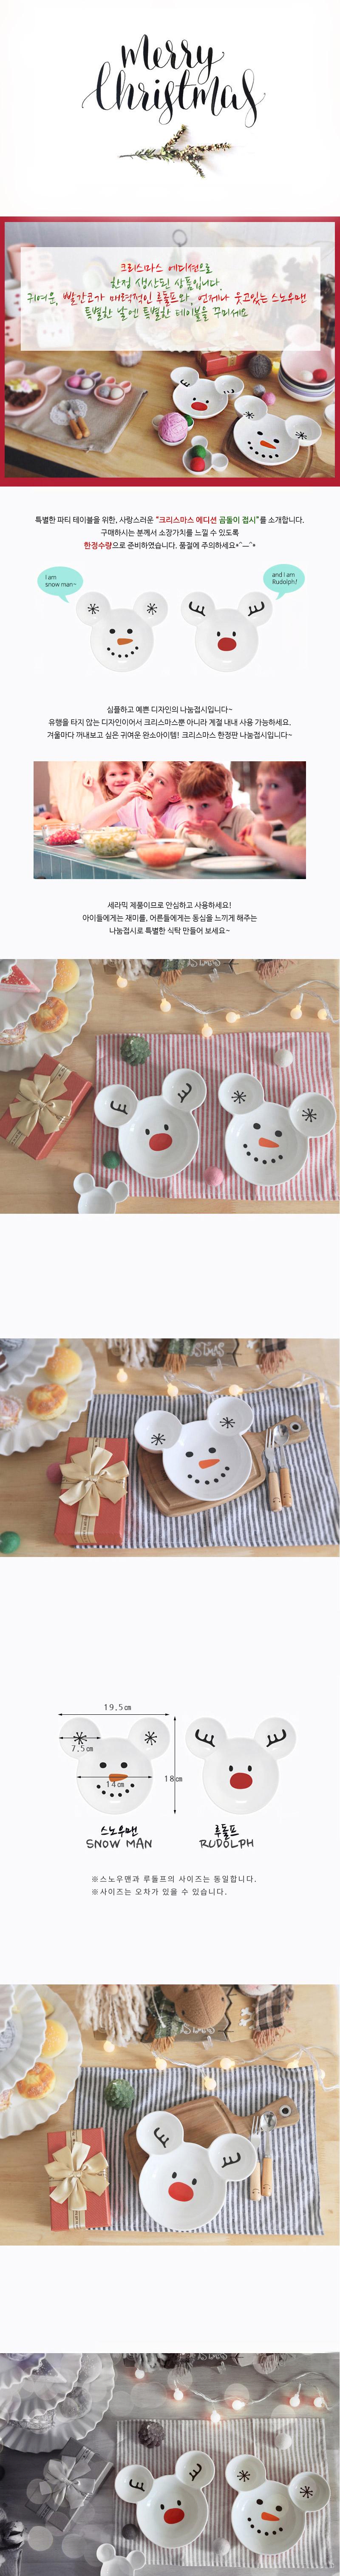 곰돌이 접시 크리스마스 에디션12,900원-더홈스, , , 바보사랑곰돌이 접시 크리스마스 에디션12,900원-더홈스, , , 바보사랑